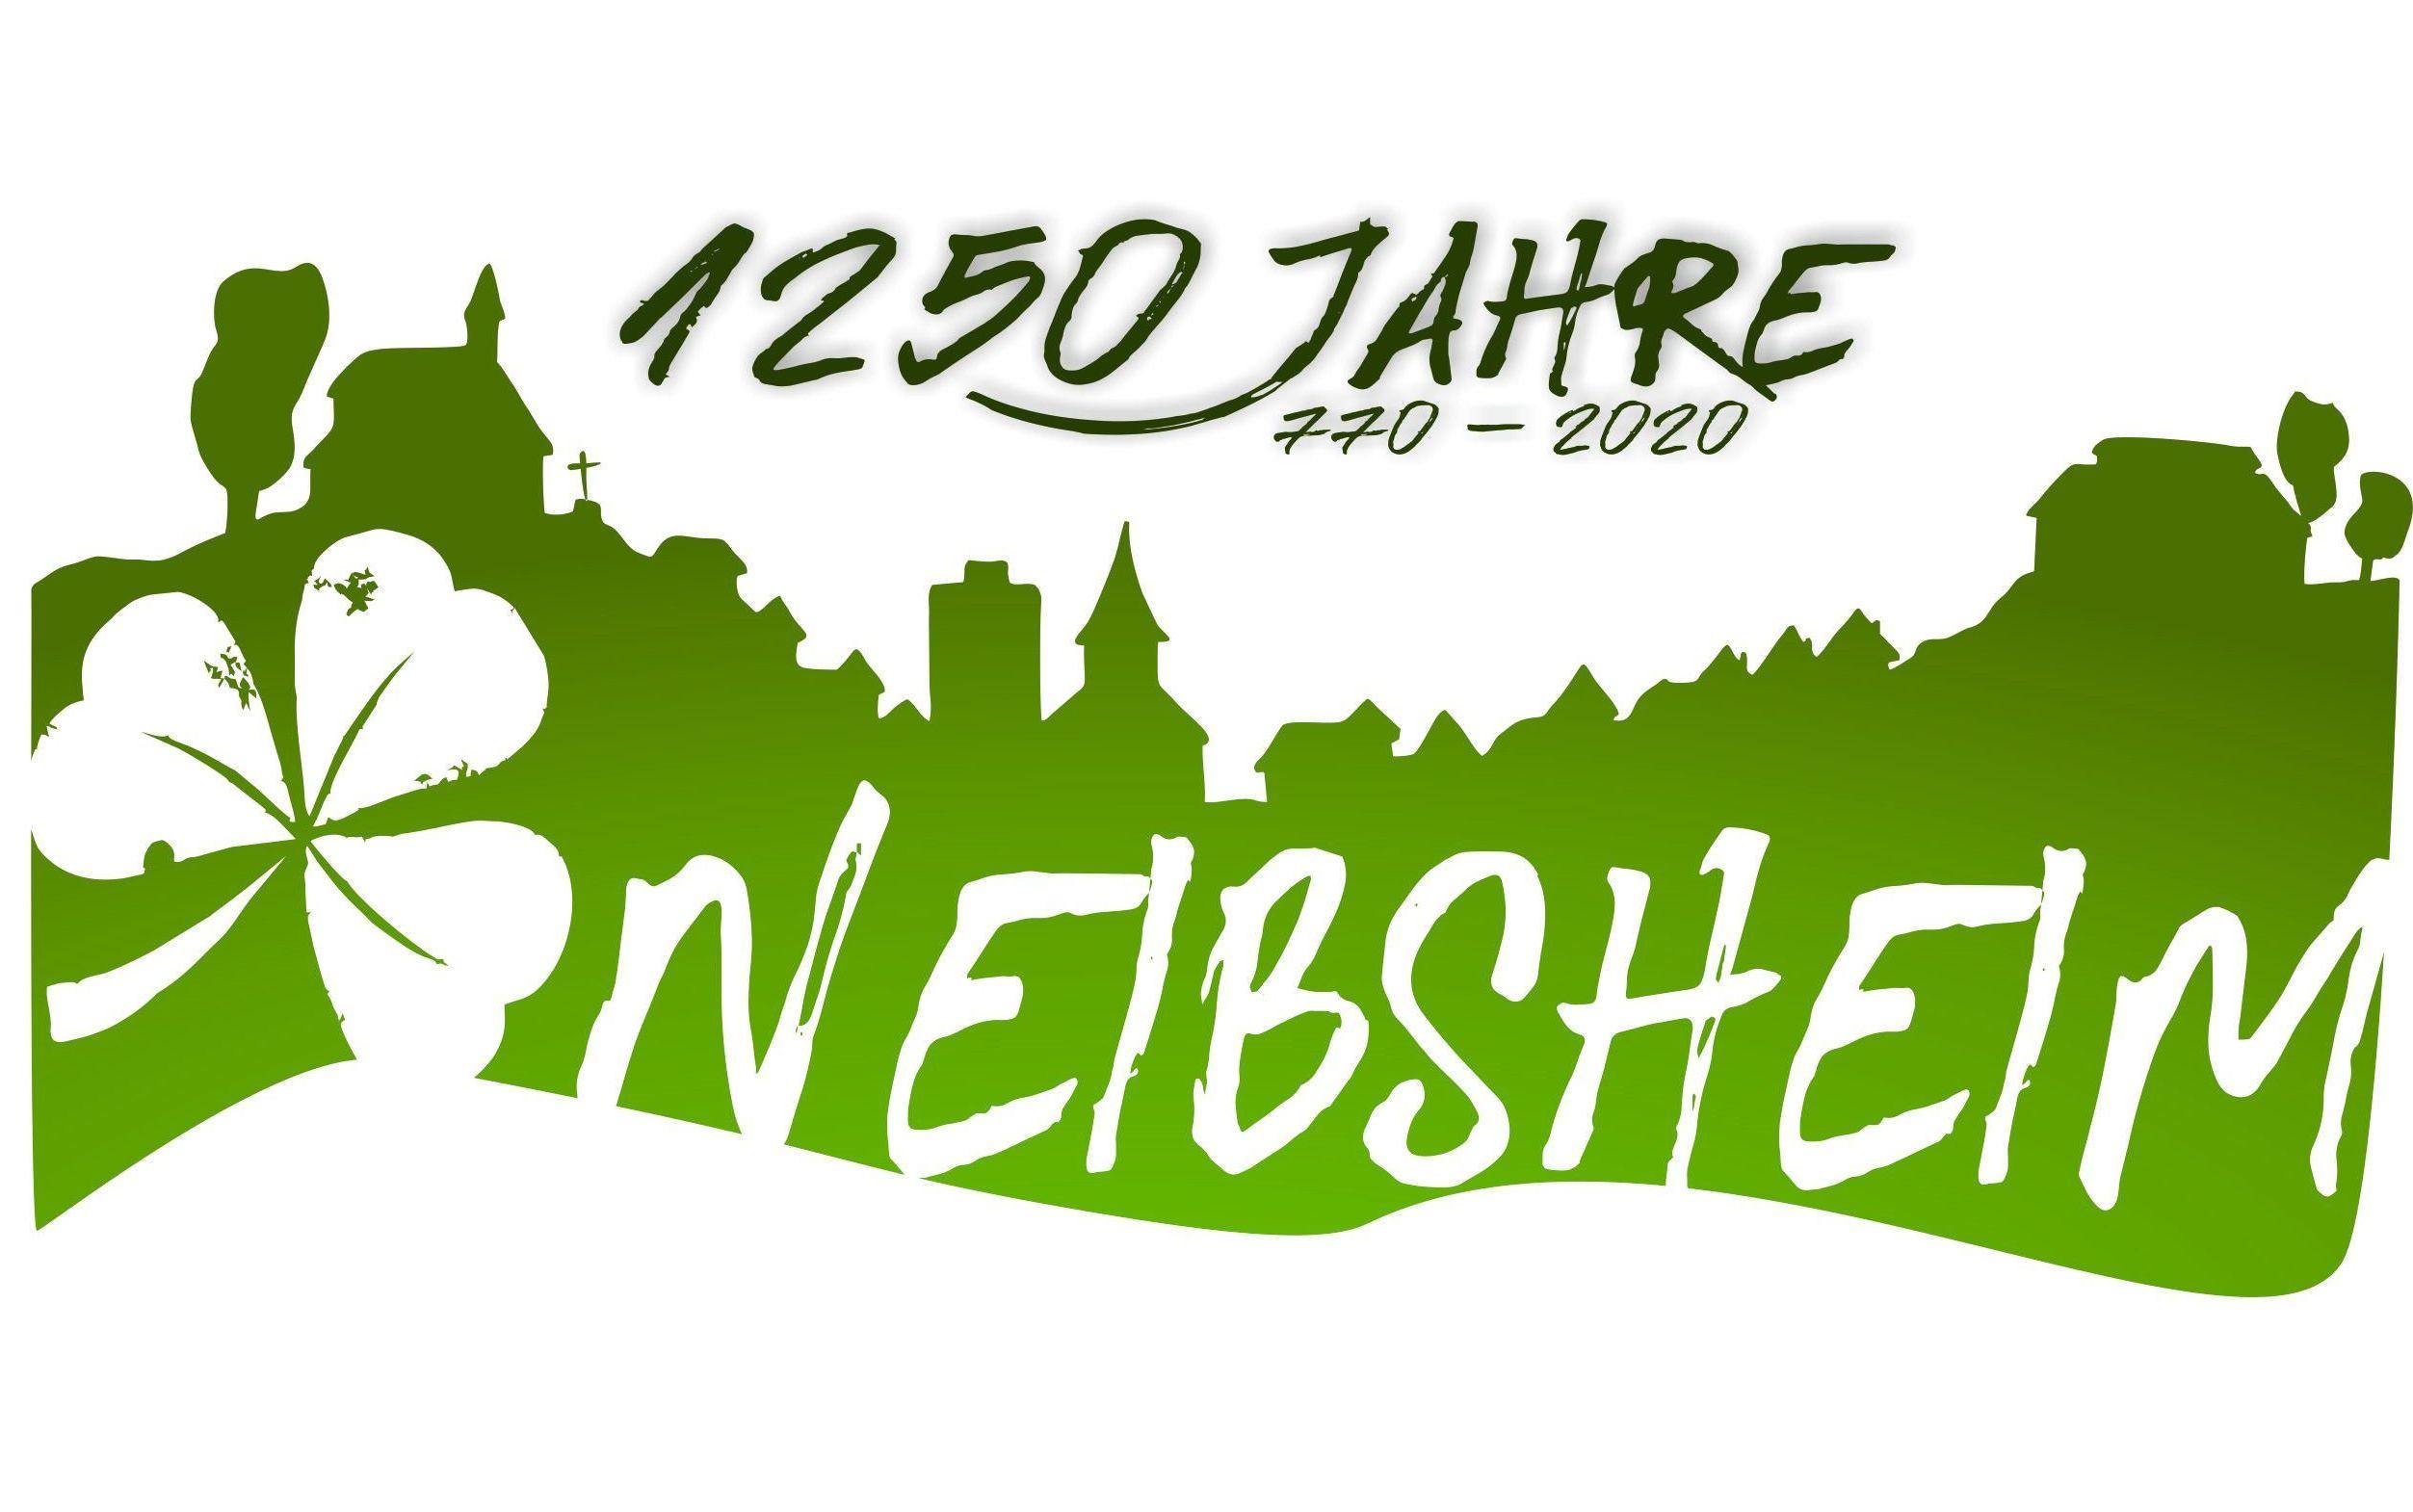 1250 Jahre Neibsheim